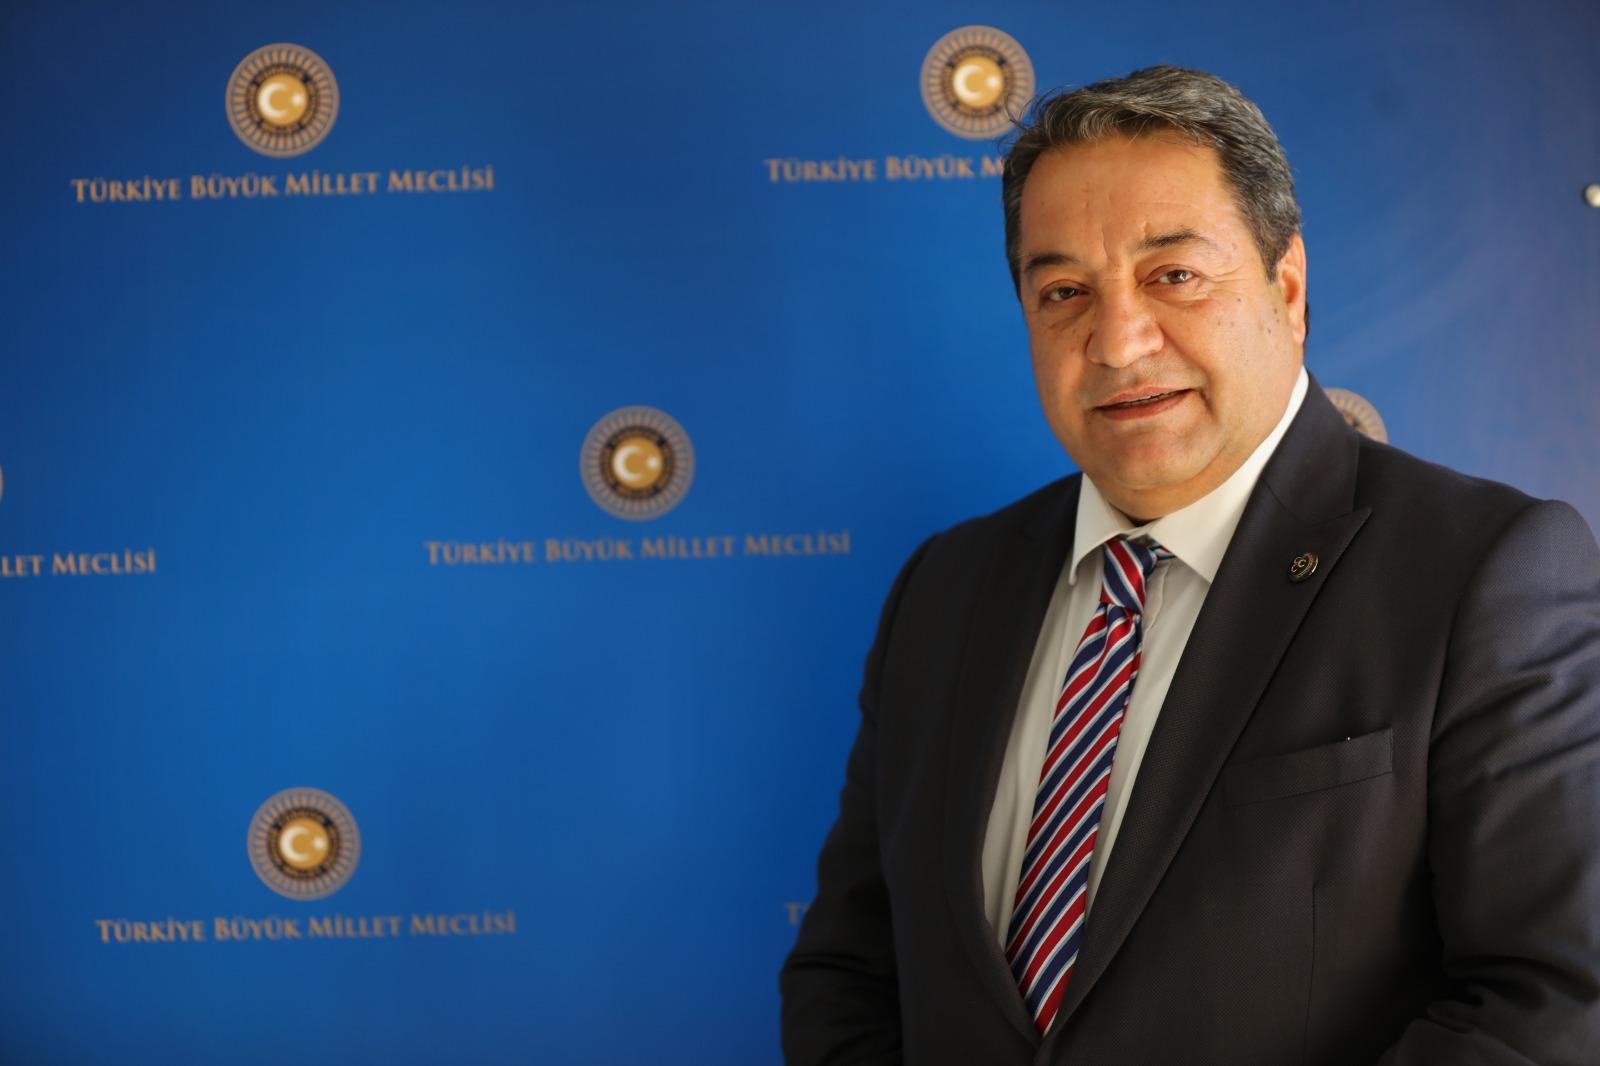 MHP Malatya Milletvekili  Fendoğlu Çiftçilerin Sulama Birlikleri Borçları Yapılandırılmalı,